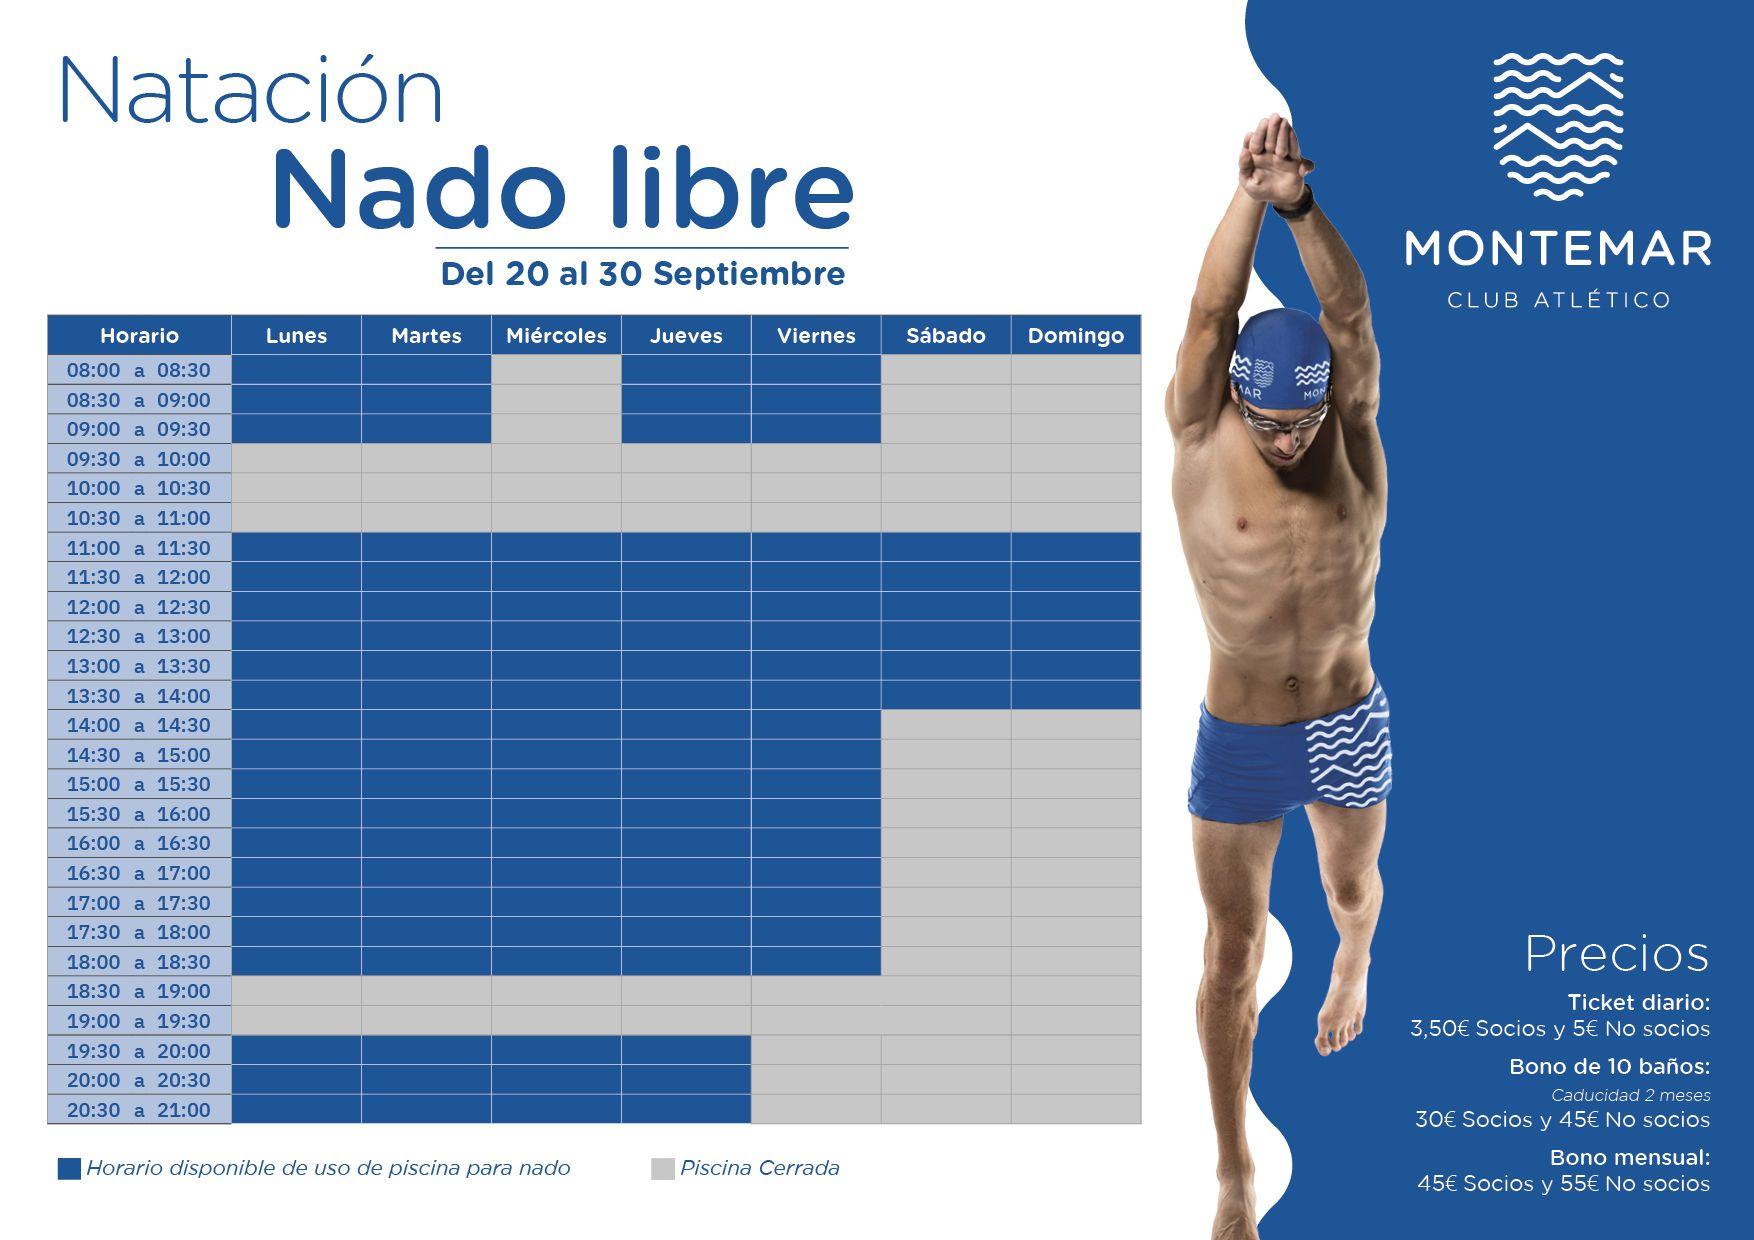 Nado Libre en Septiembre en Montemar